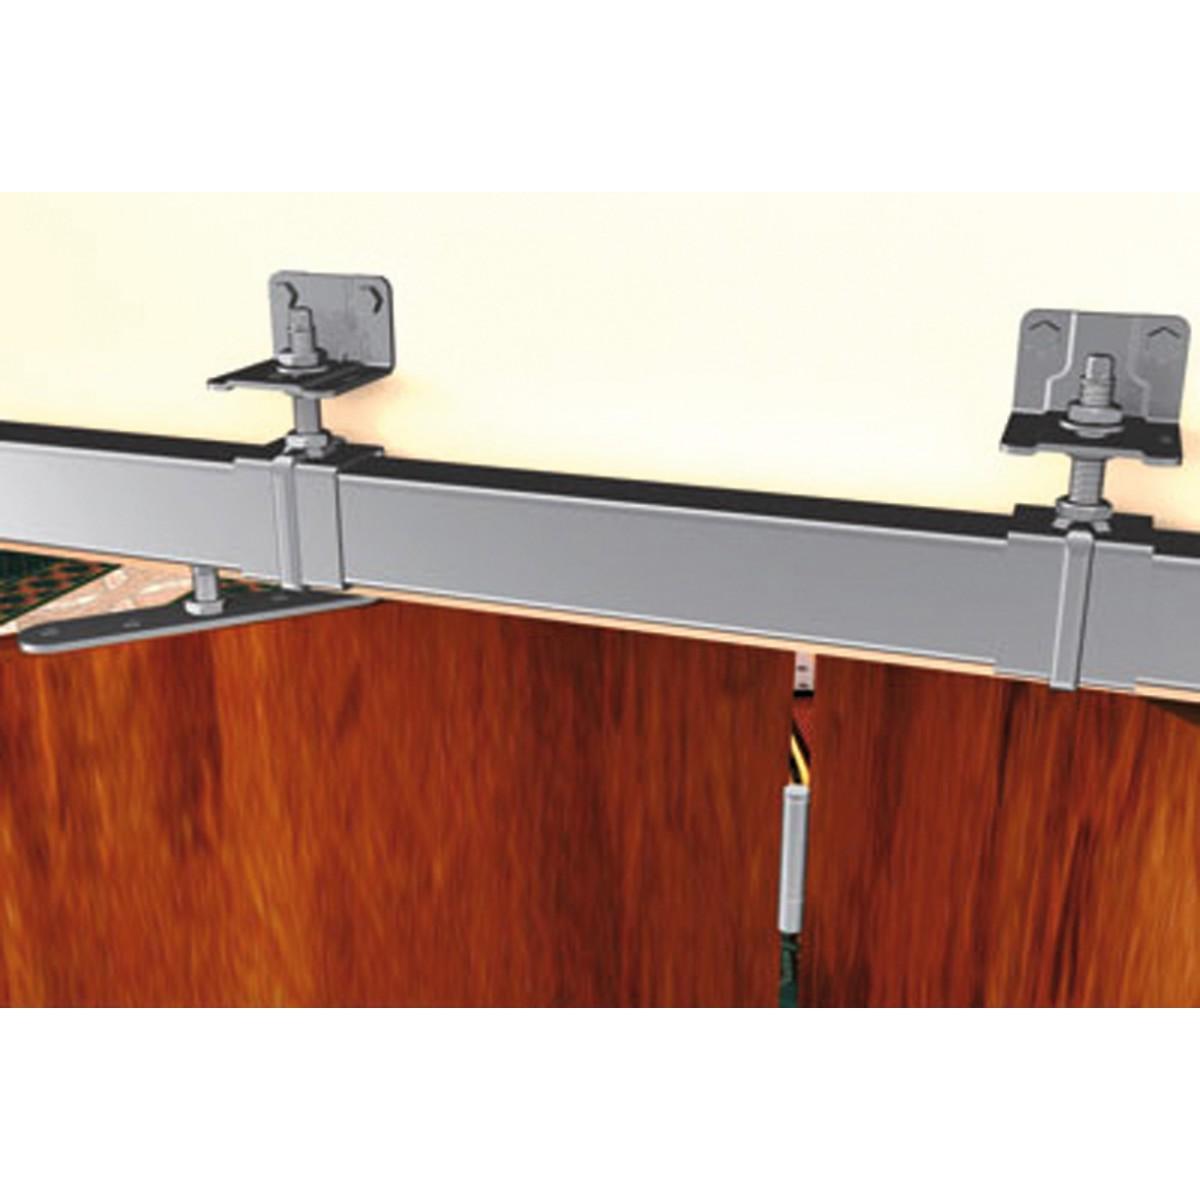 Ferrure de porte à déplacement droit pour porte de 150 kg Mantion Flot - Monture à galet fixation sur chant - Delrin 255D - Vendu par 2